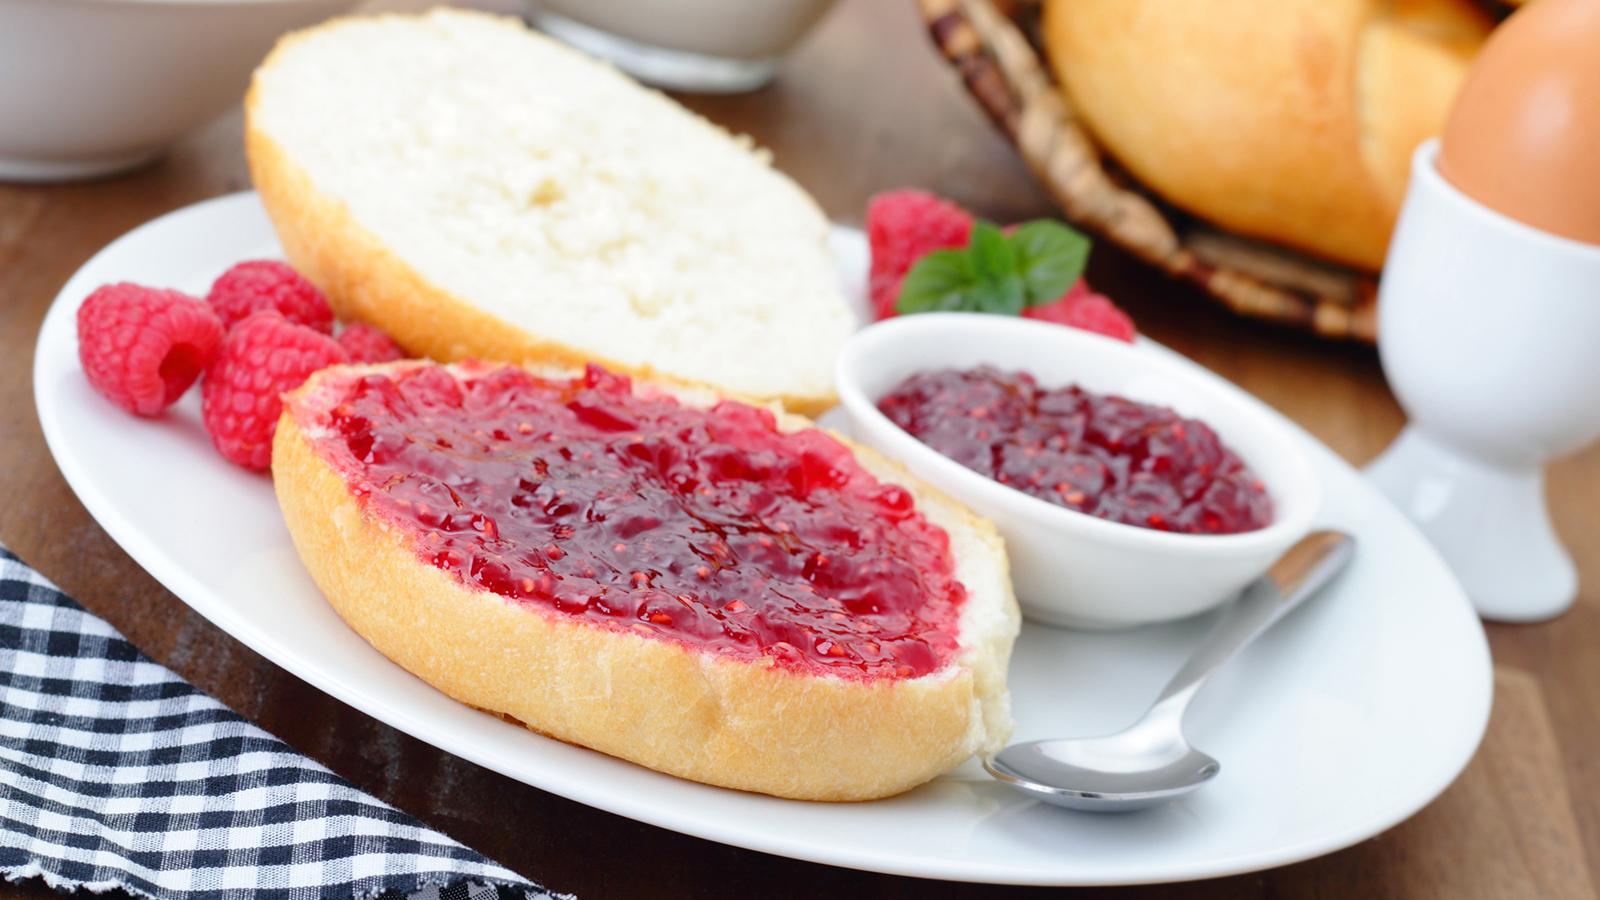 糖質制限にジャムパンはいいの?工夫次第で食べることができるかも!